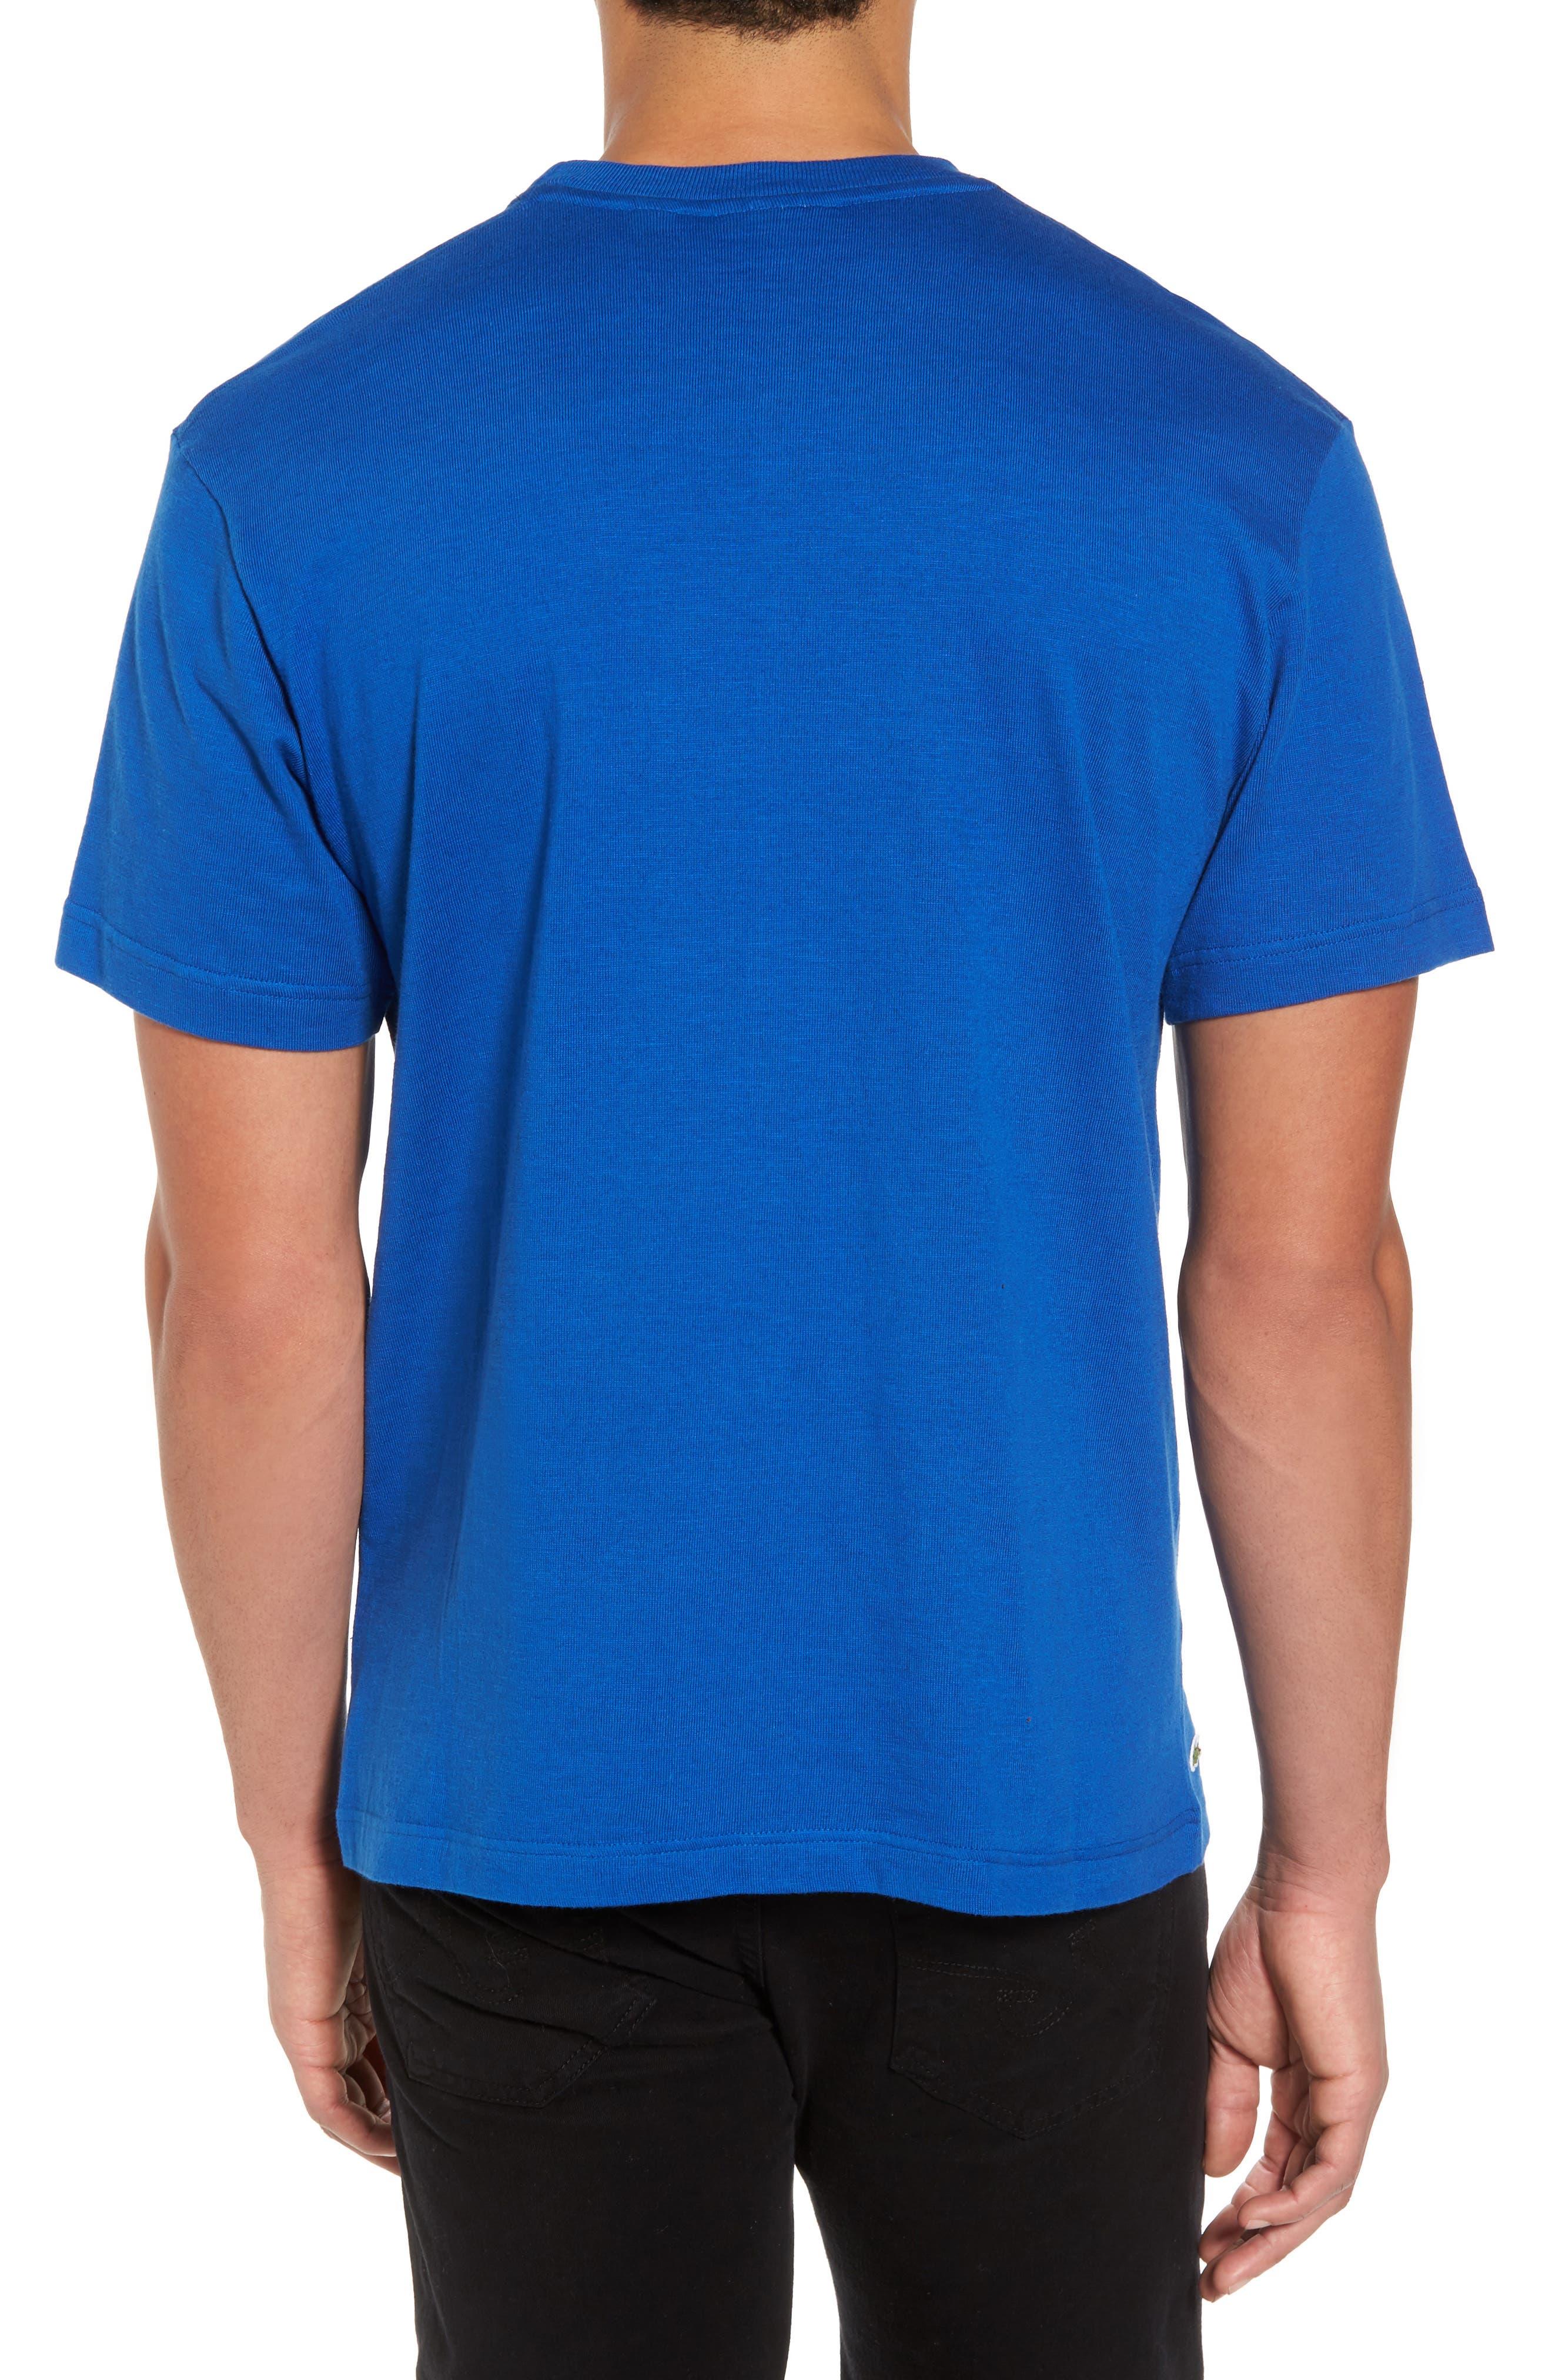 Mouline T-Shirt,                             Alternate thumbnail 2, color,                             Qzp Royal/ Multico